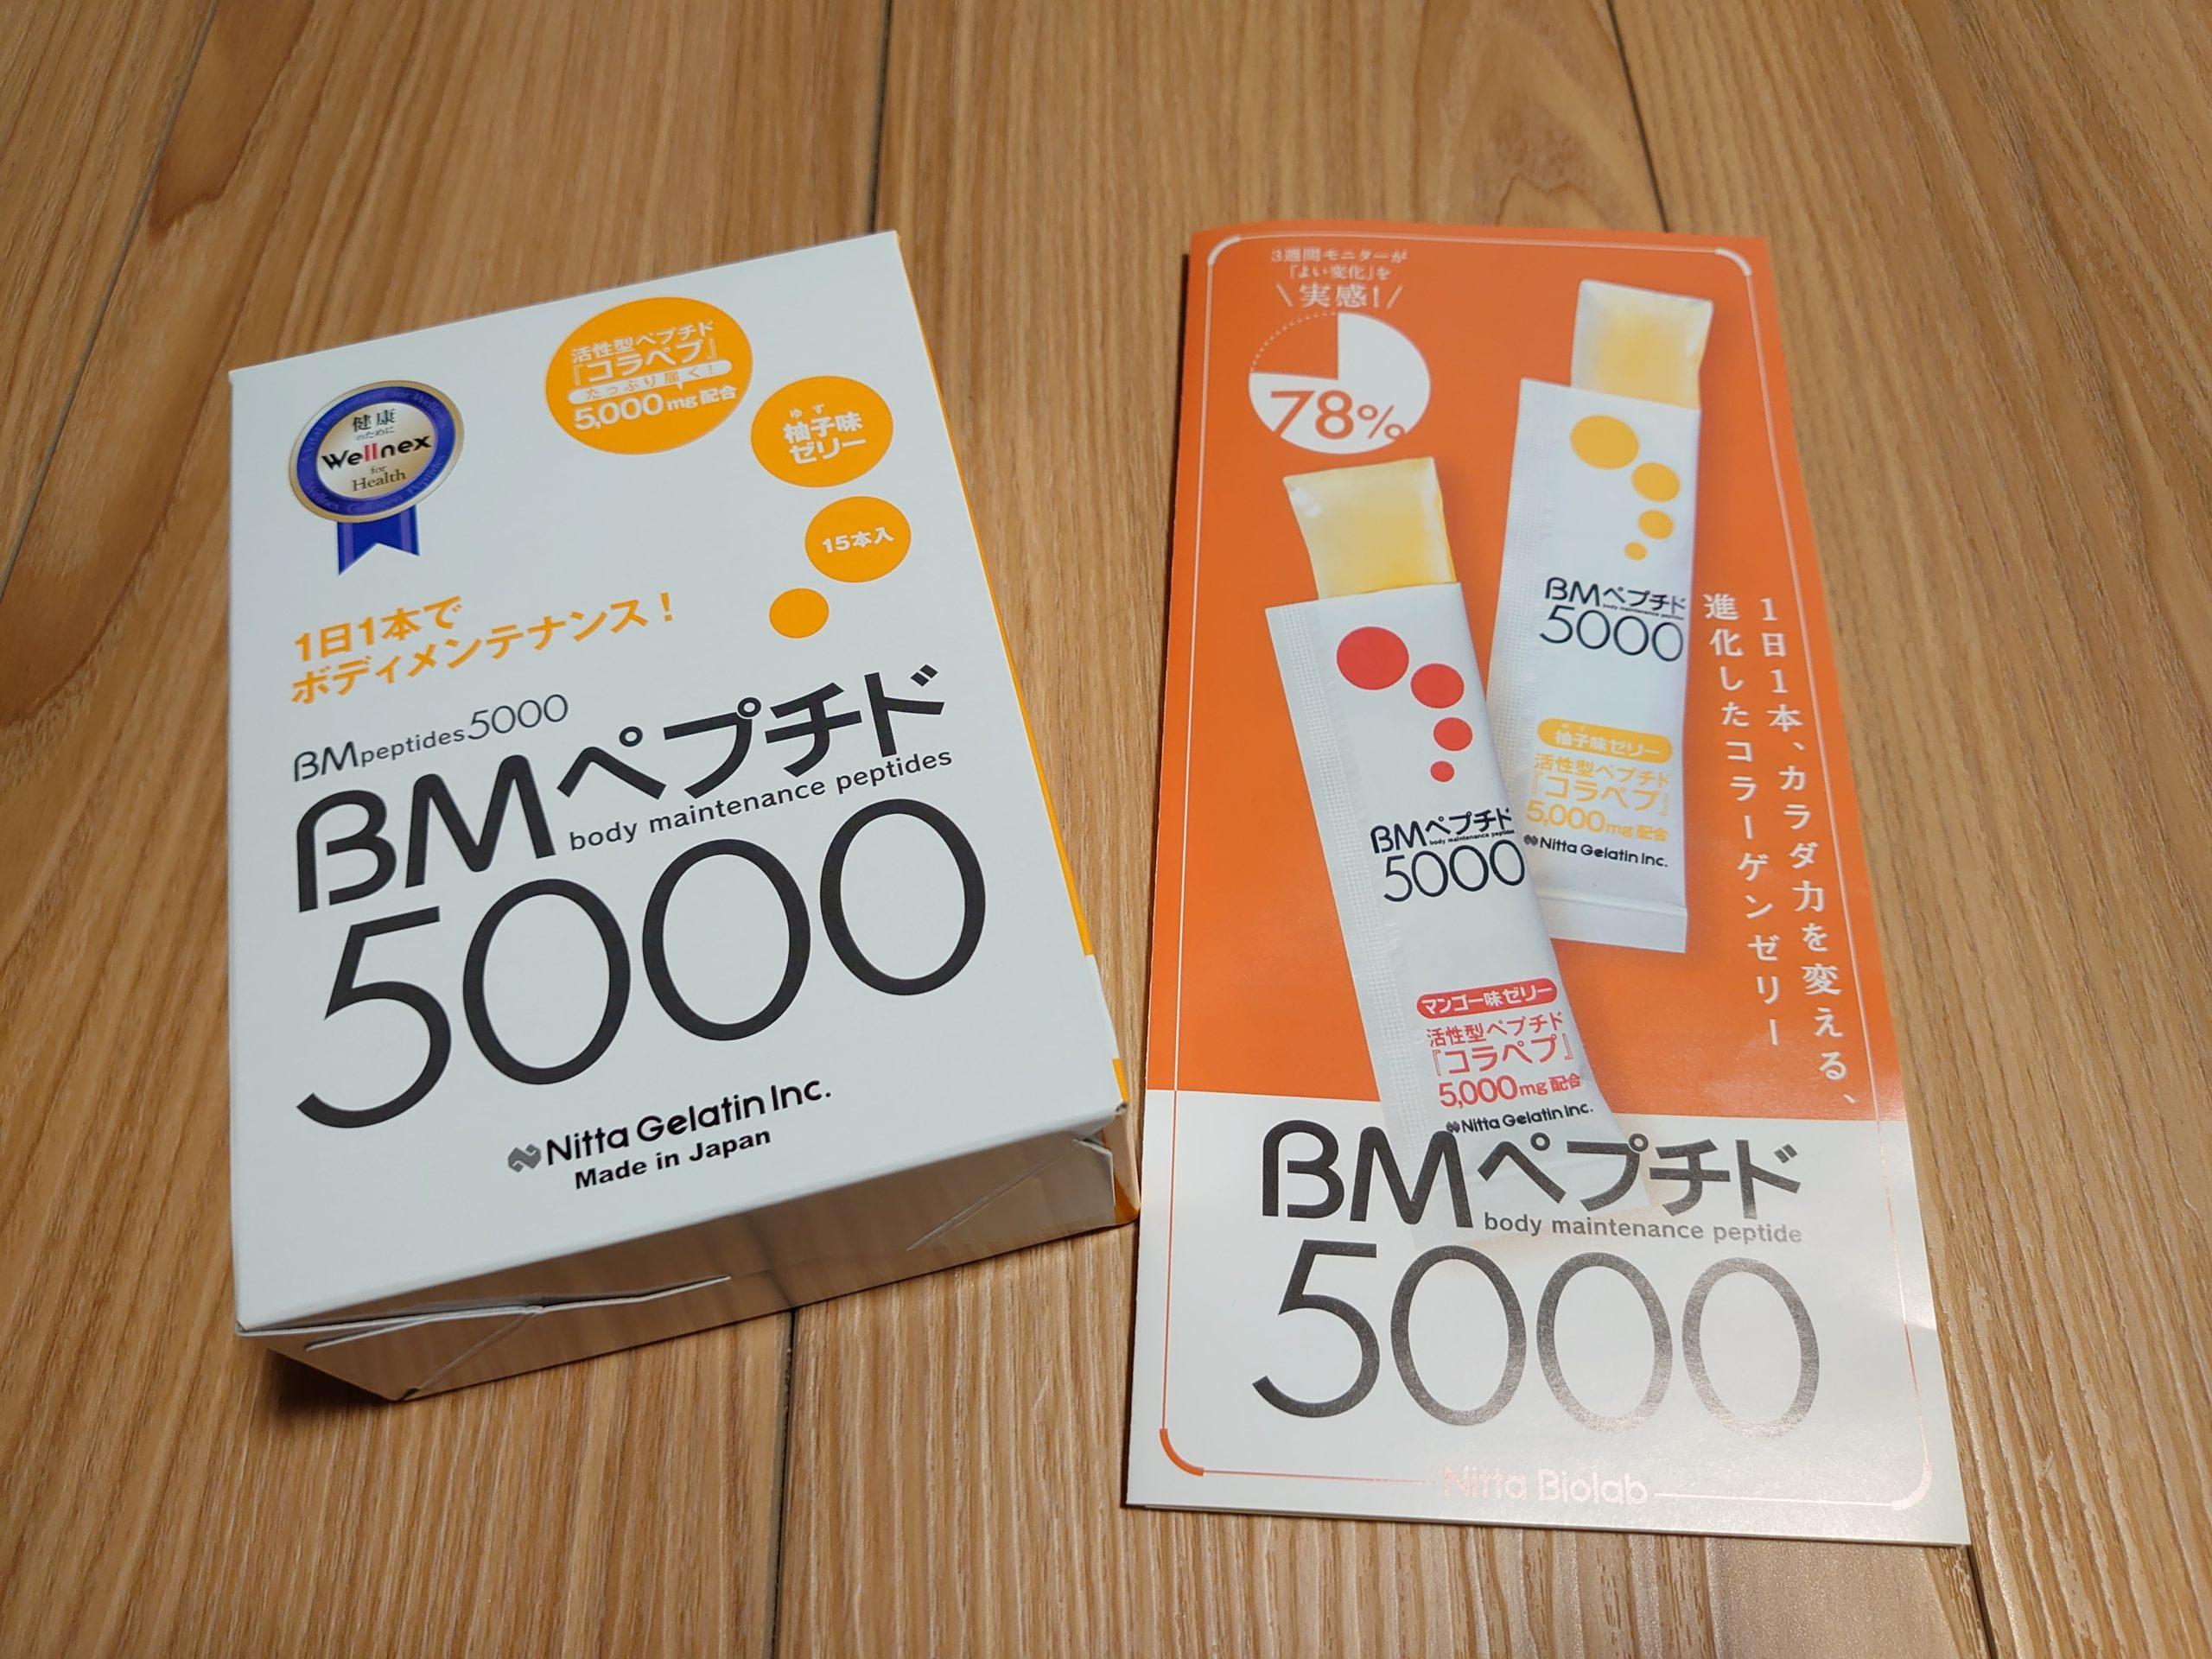 コラーゲンゼリースティックタイプ【BMペプチド5000】を試してみた!